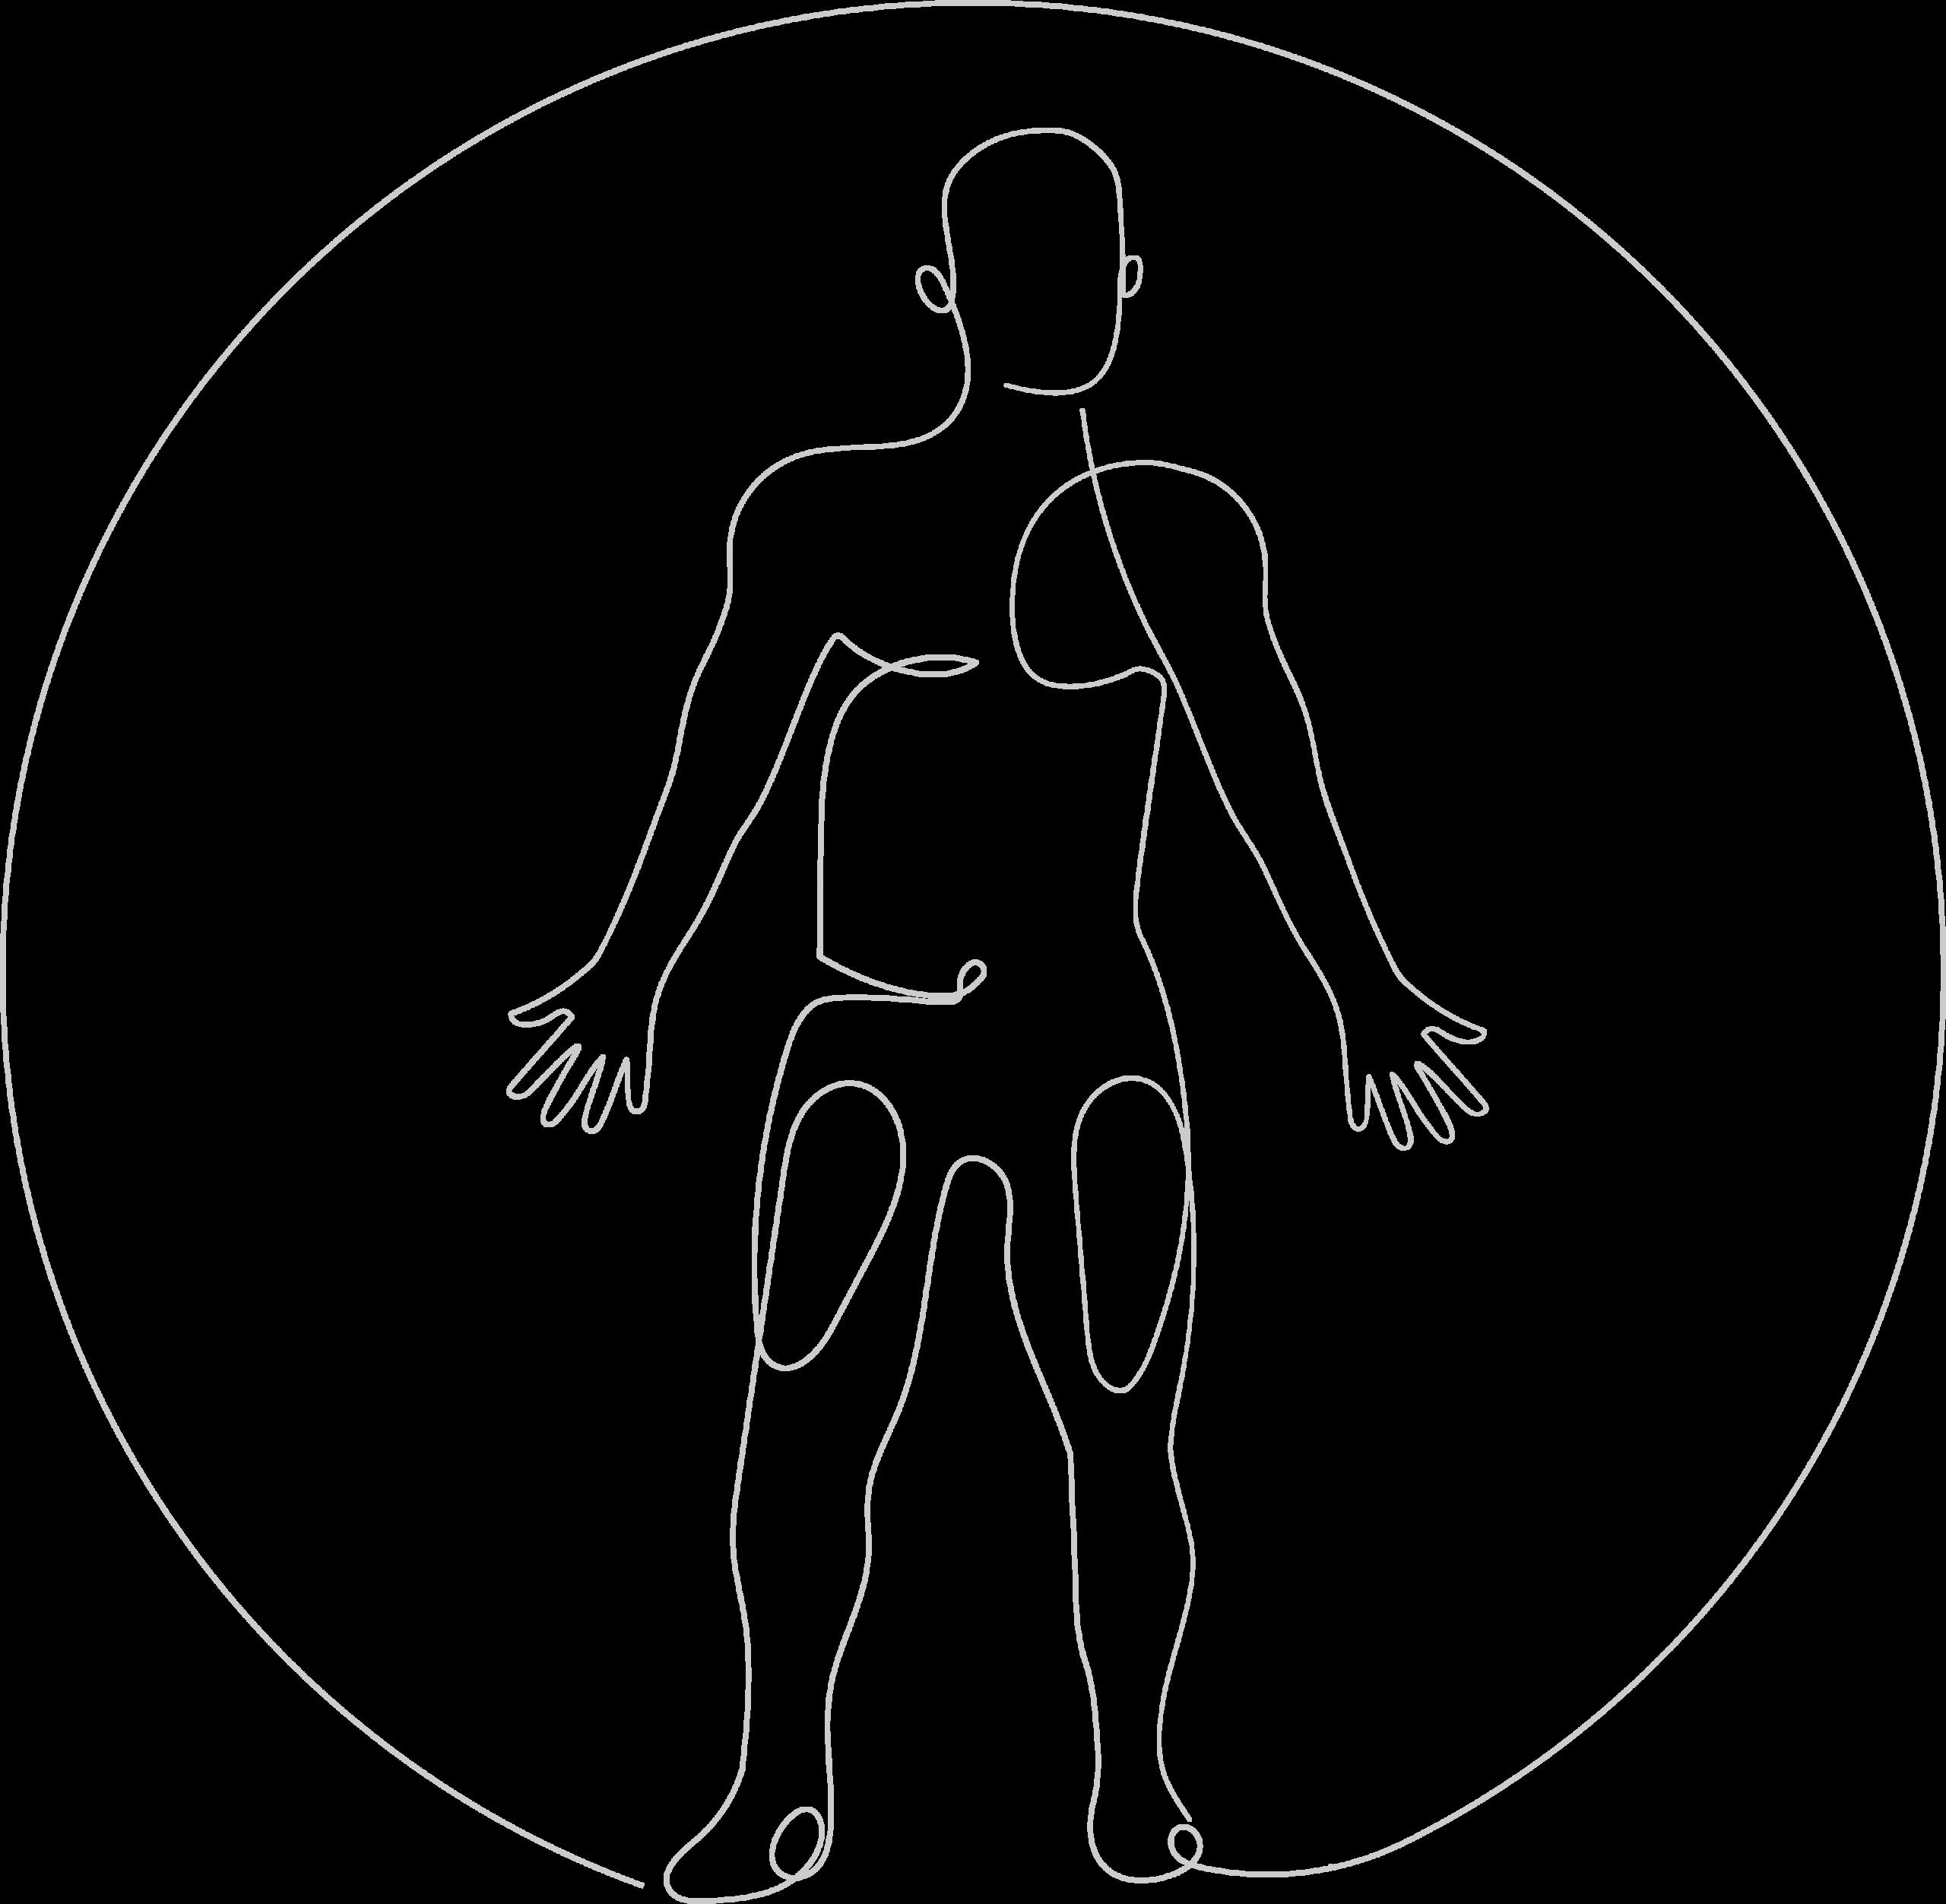 Dr. Scarlett Lewitschnig - Ihre Expertin für Schilddrüse und Komplementärmedizin - funktionelle Myodiagnostik - Illustration - Energie verbunden - human shape one line